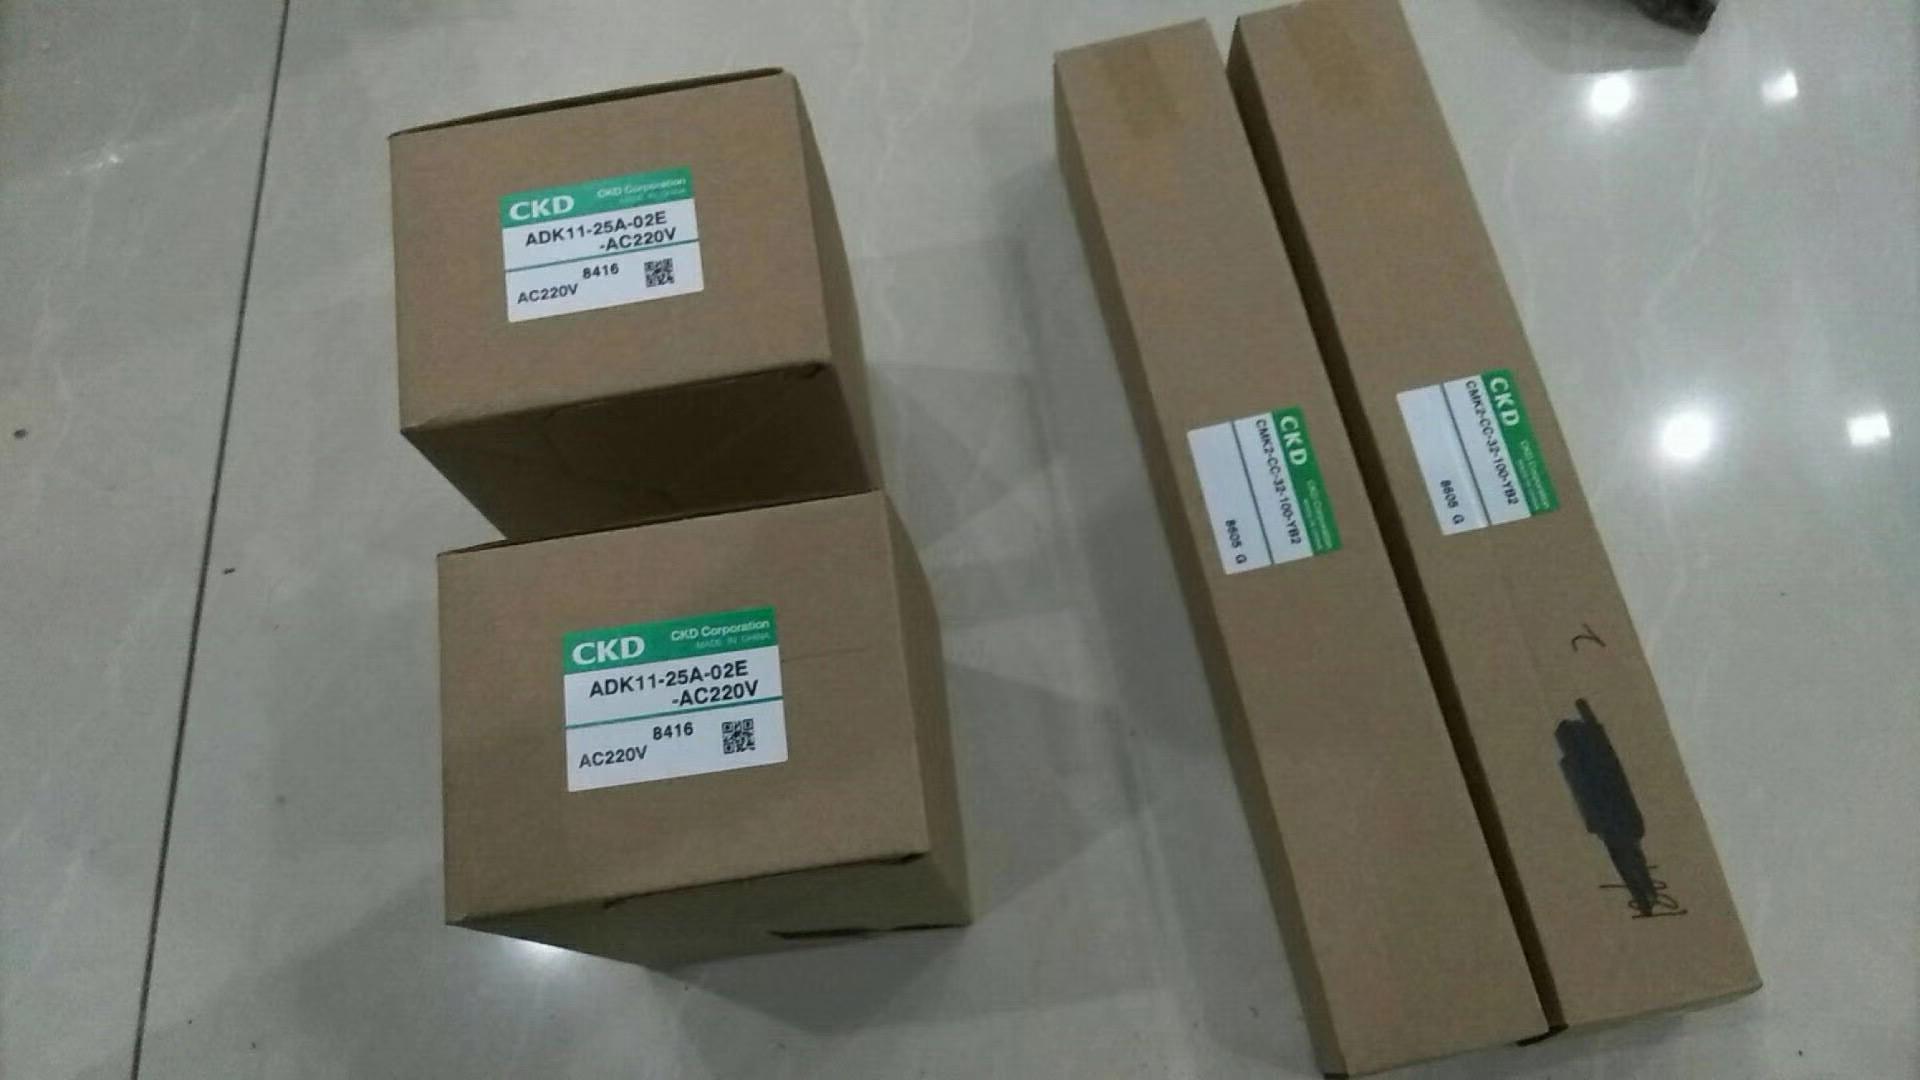 Bộ lọc hơi CKD ADK11-25A-02E-AC220V